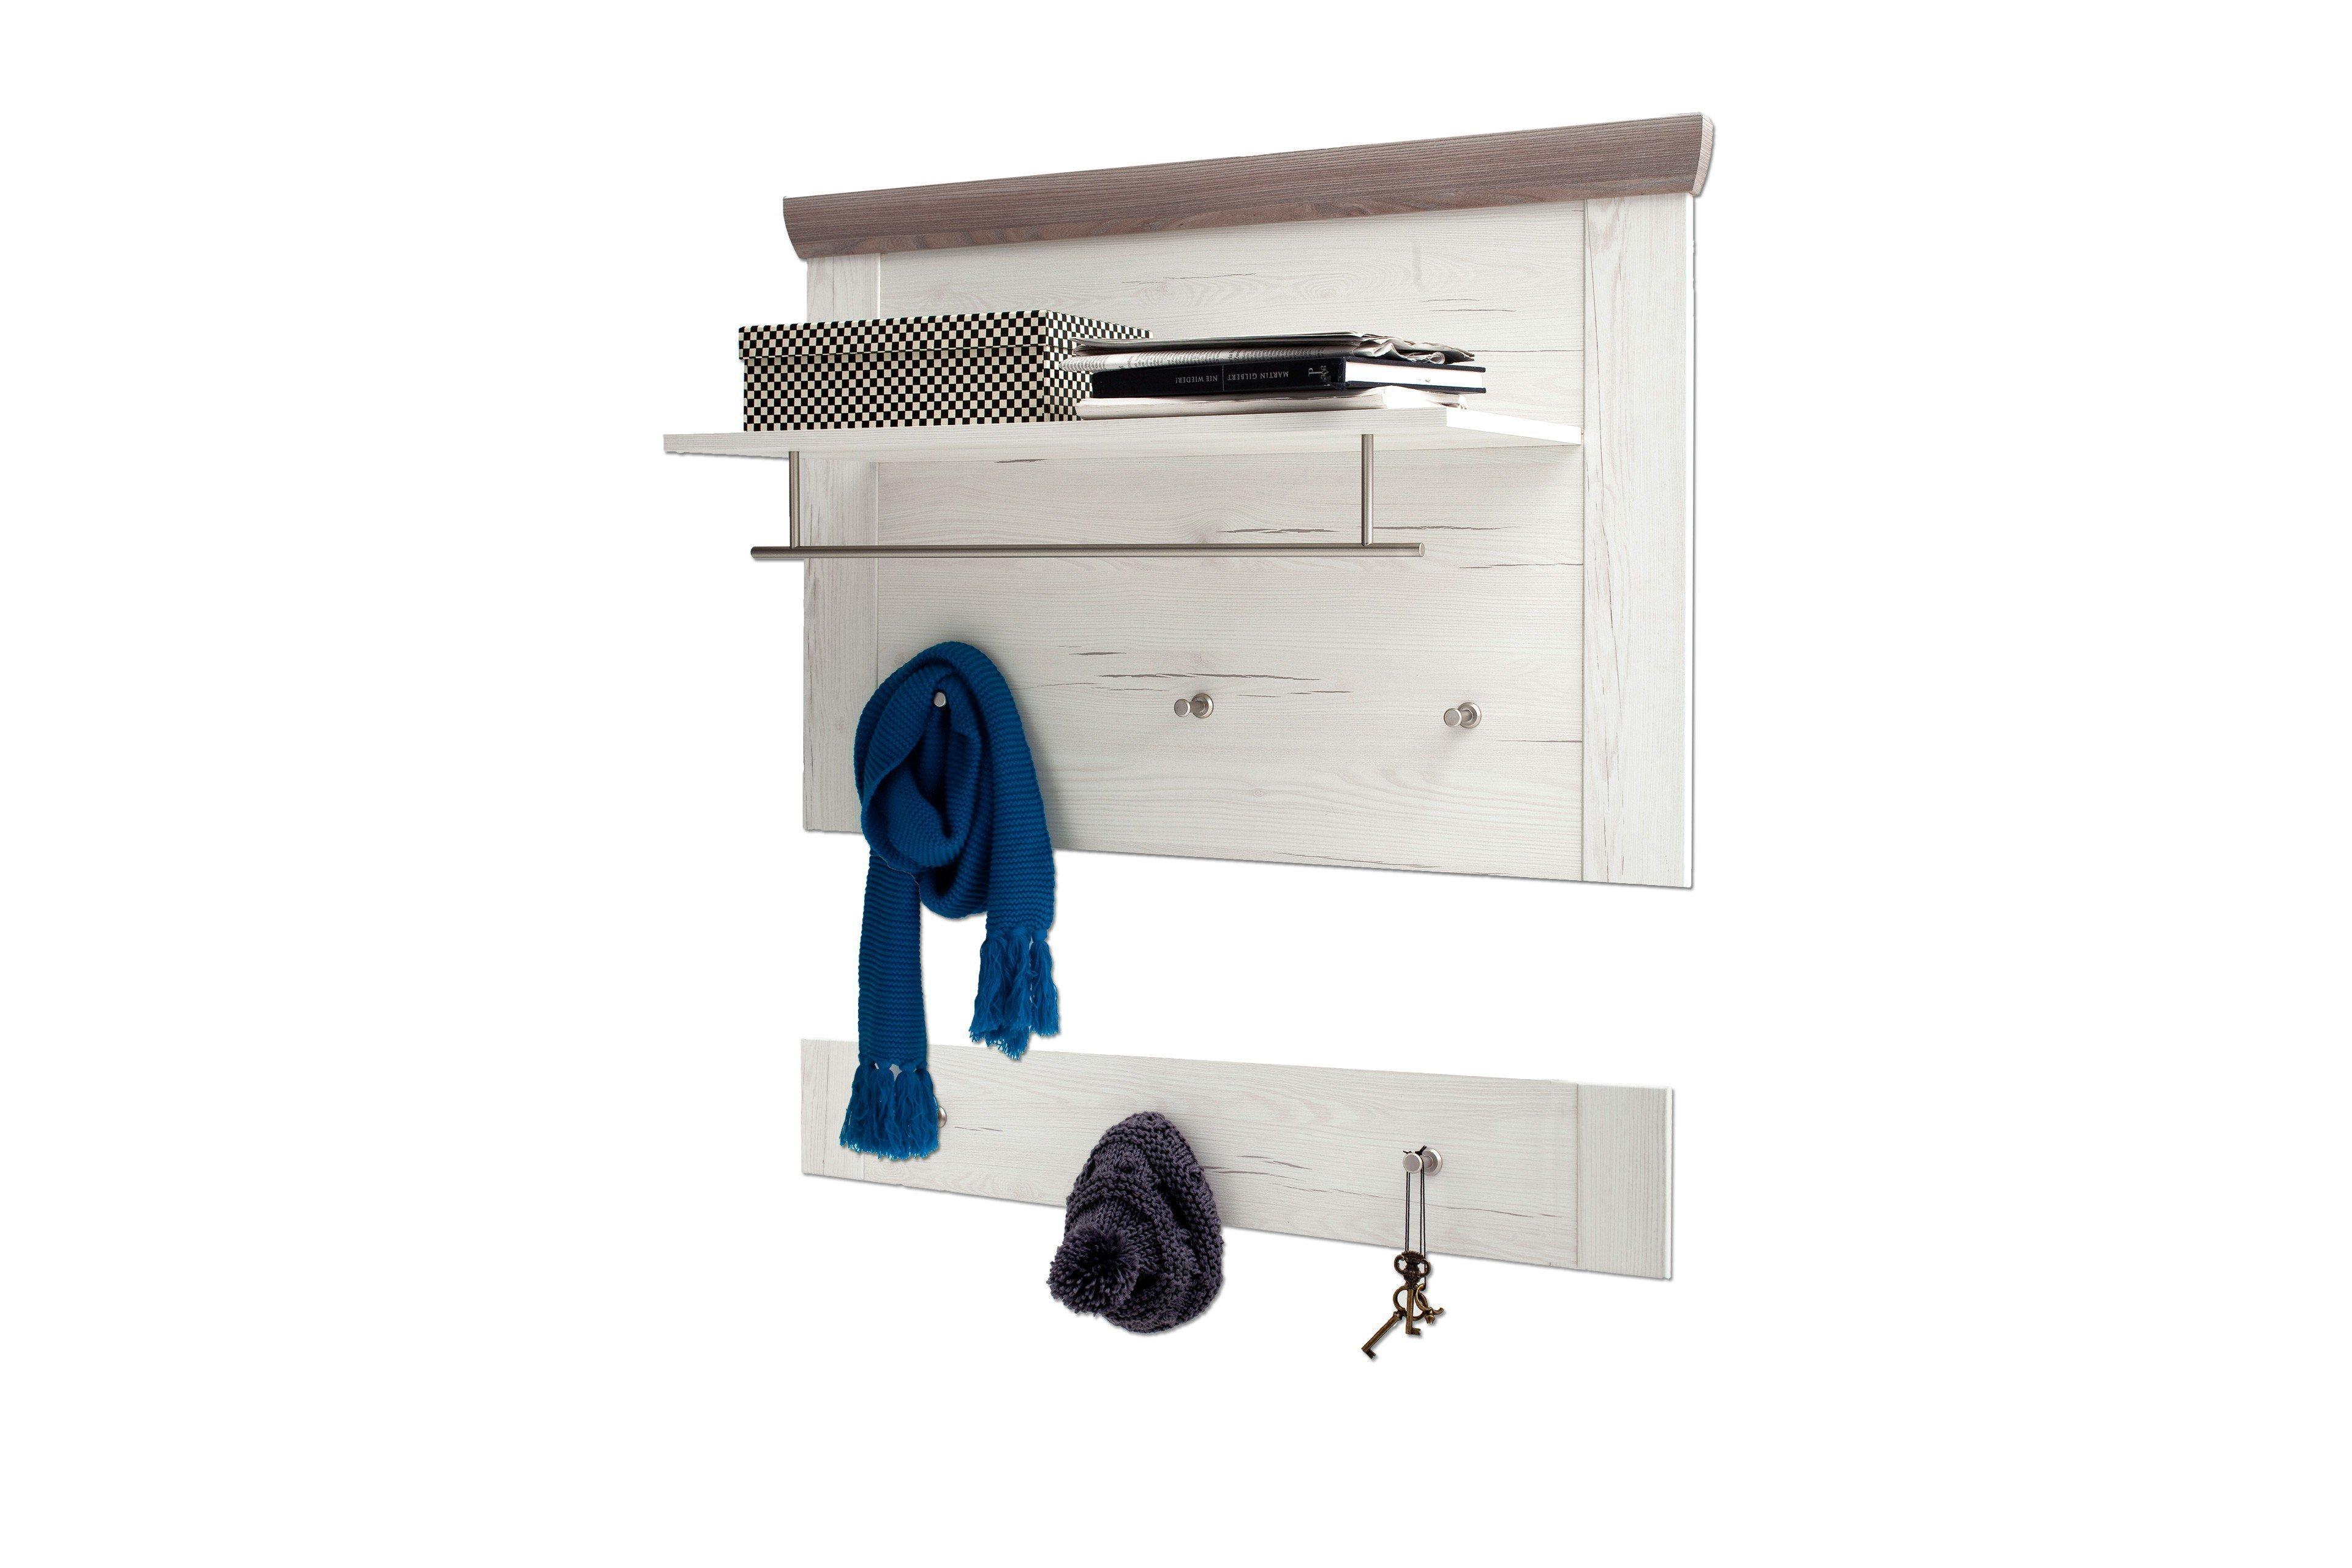 44f240aea29655 Garderobenpaneele Bozen Pinie Aurelio - MCA furniture